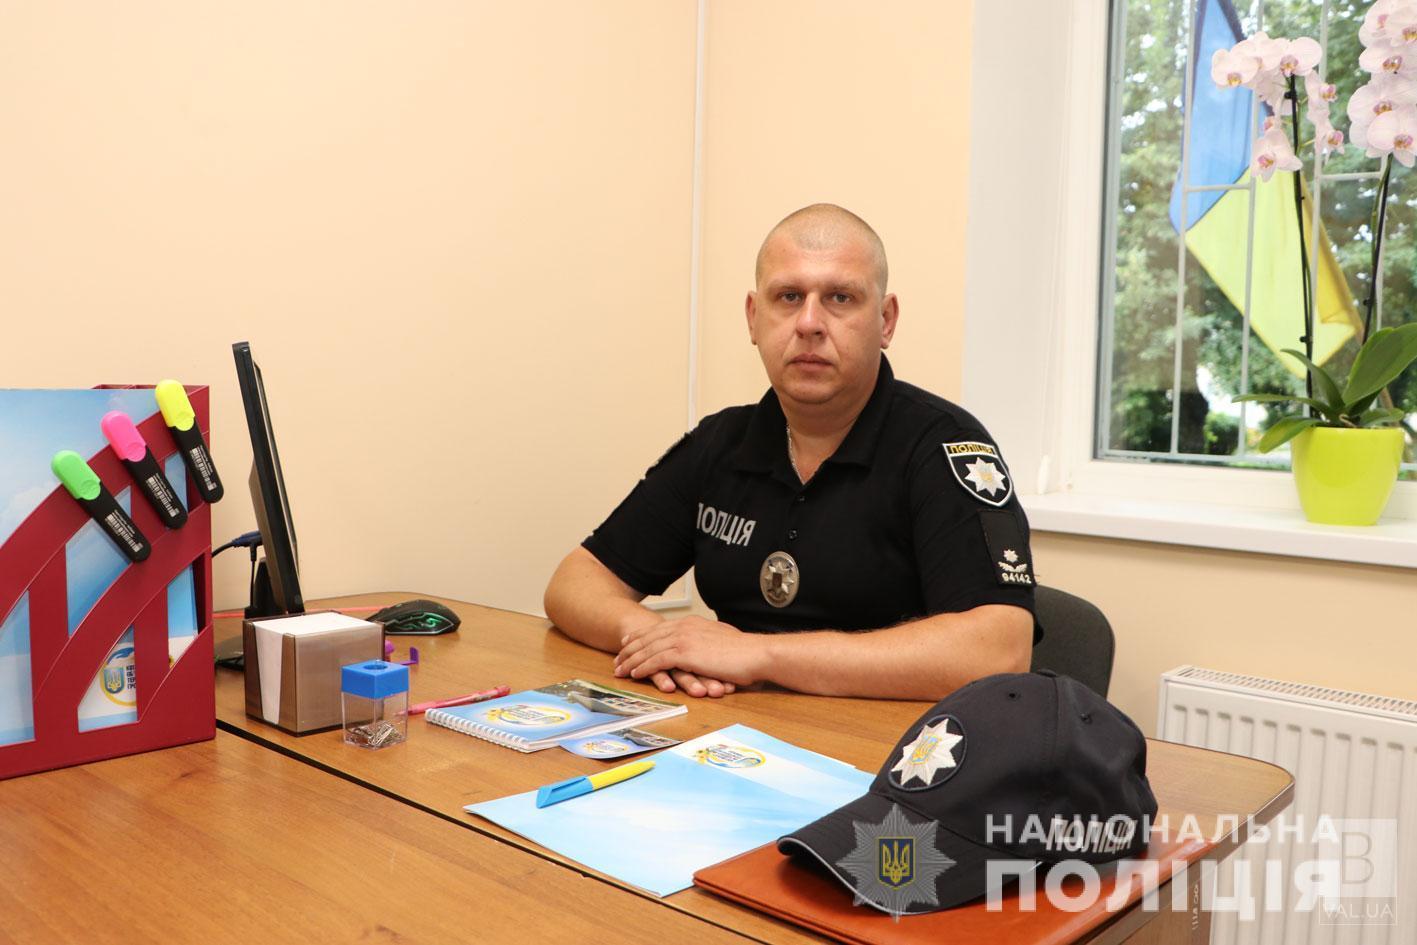 У Кіптівській територіальній громаді запрацювала поліцейська станція